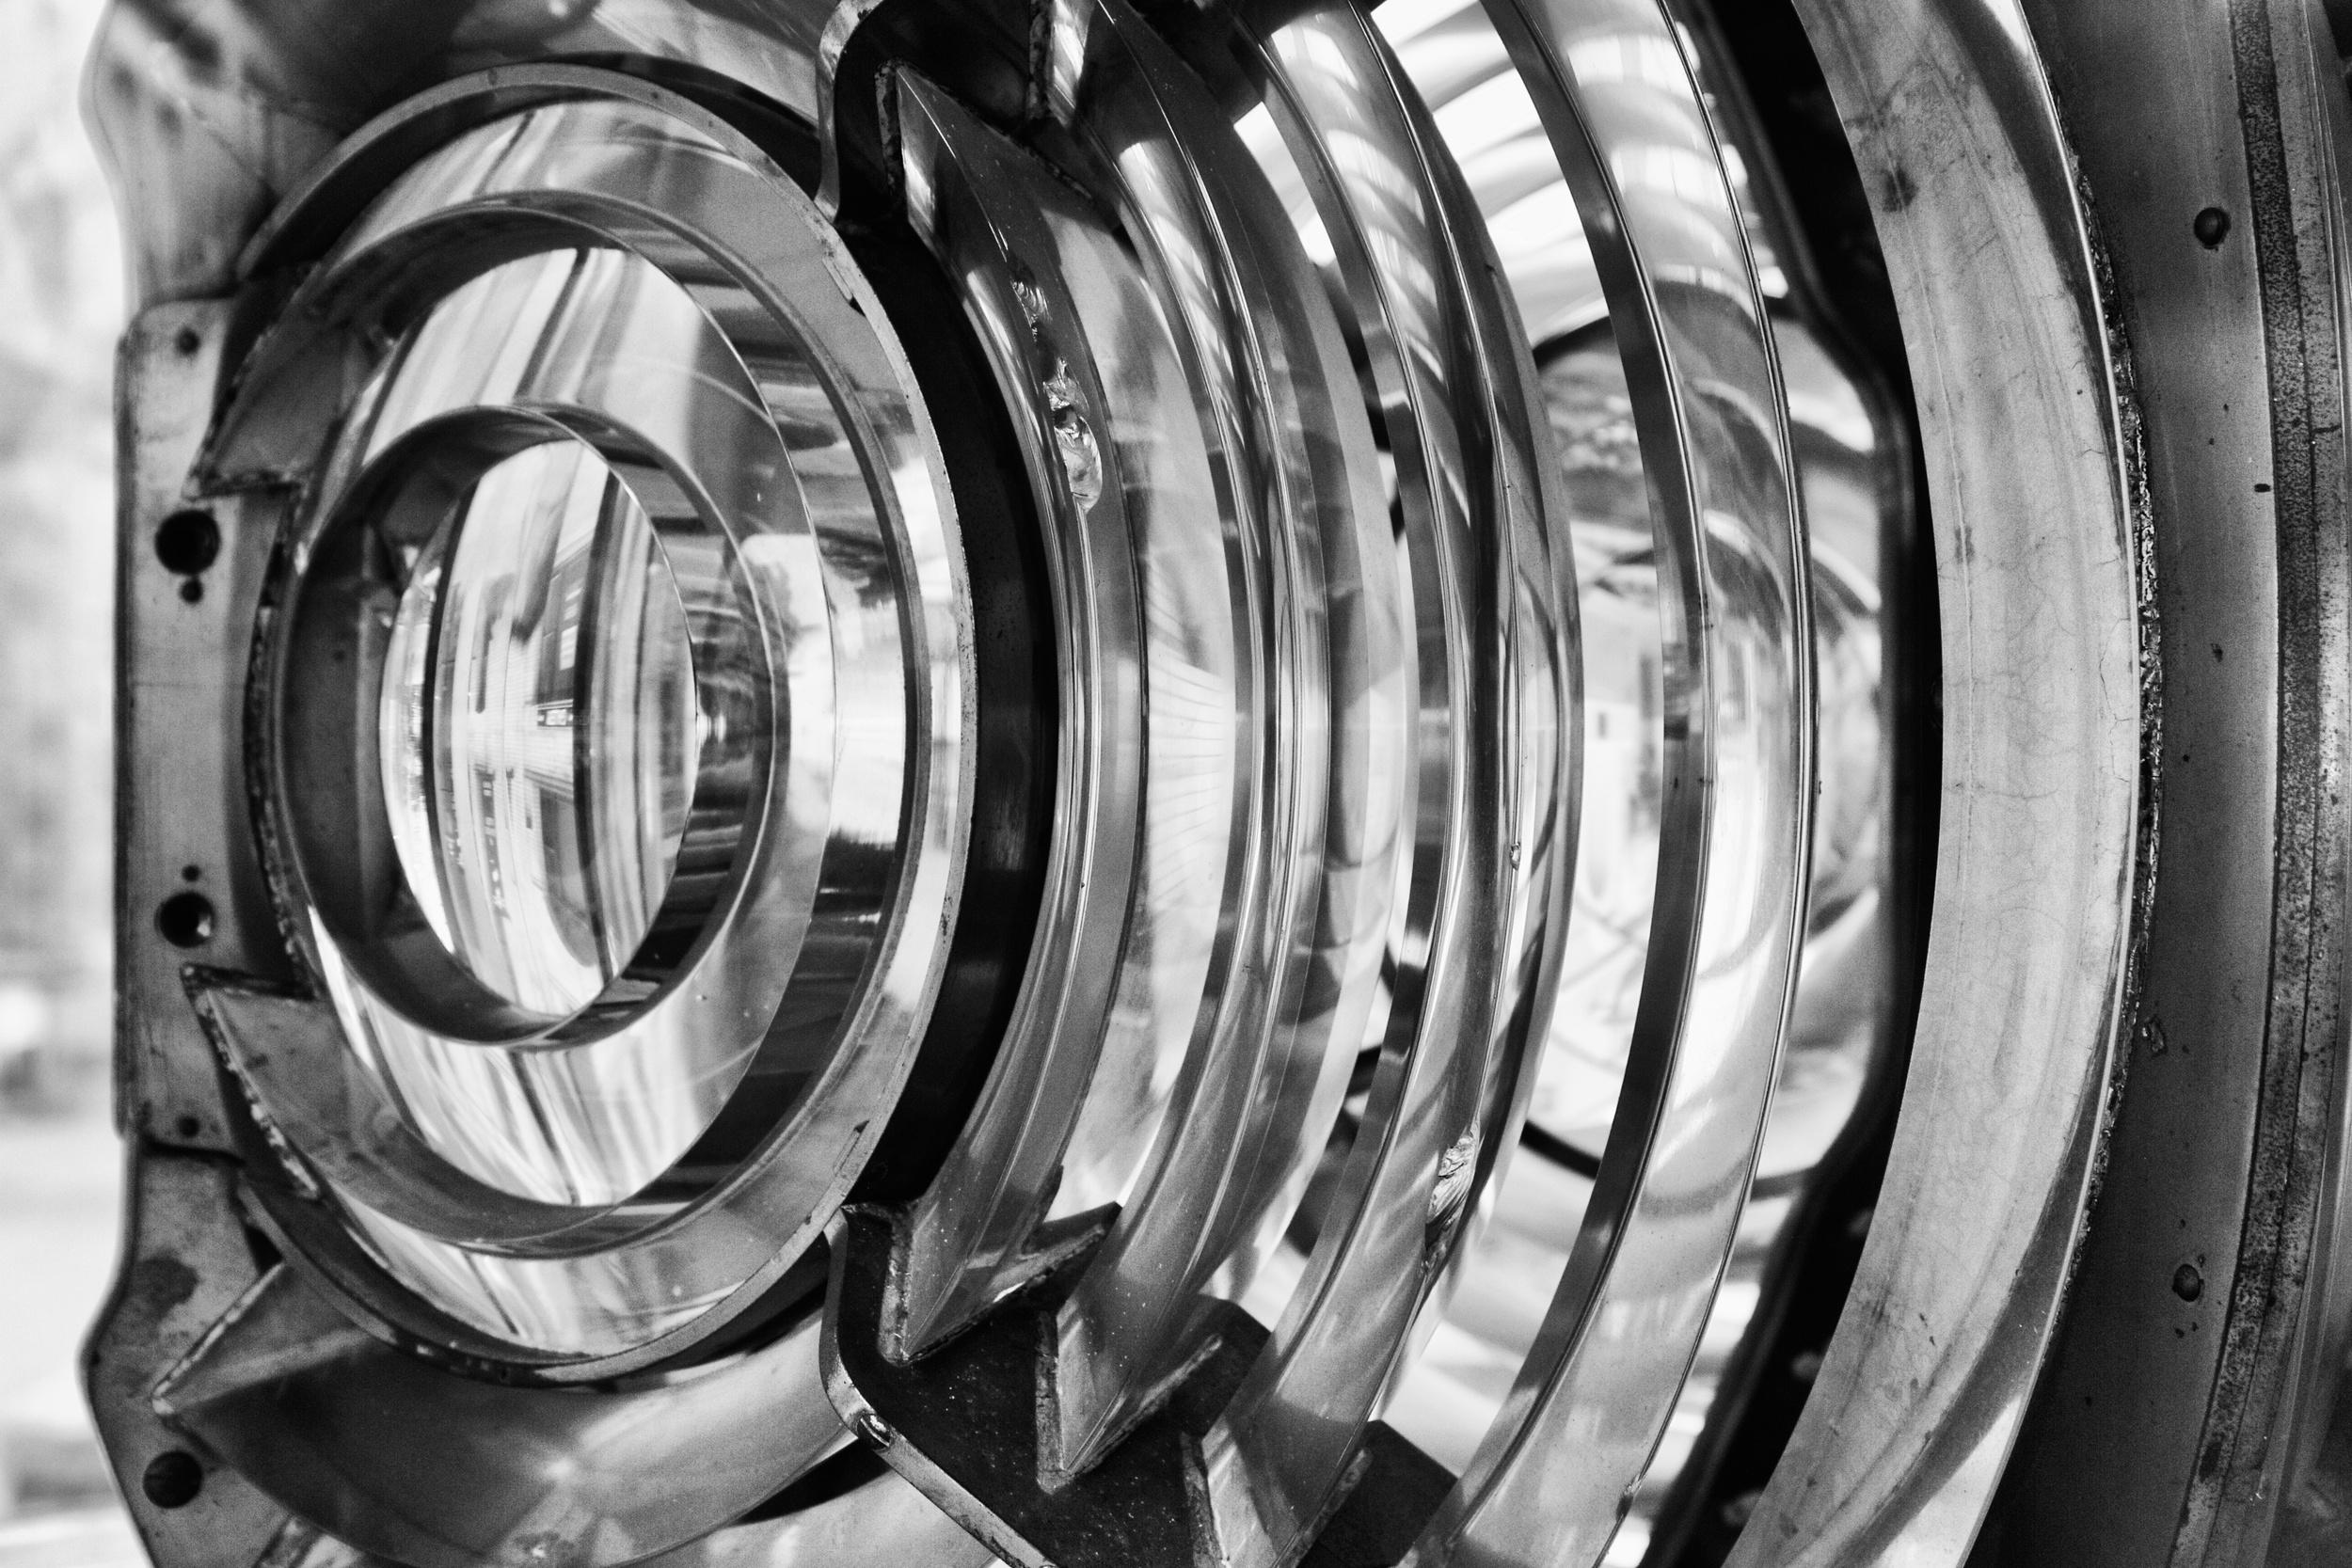 2013-02-24 at 09-49-13 Brass, Fresnel, Glass, Lens, Light, Lighthouse, Protection, Ship, Still Life, Warning.jpg